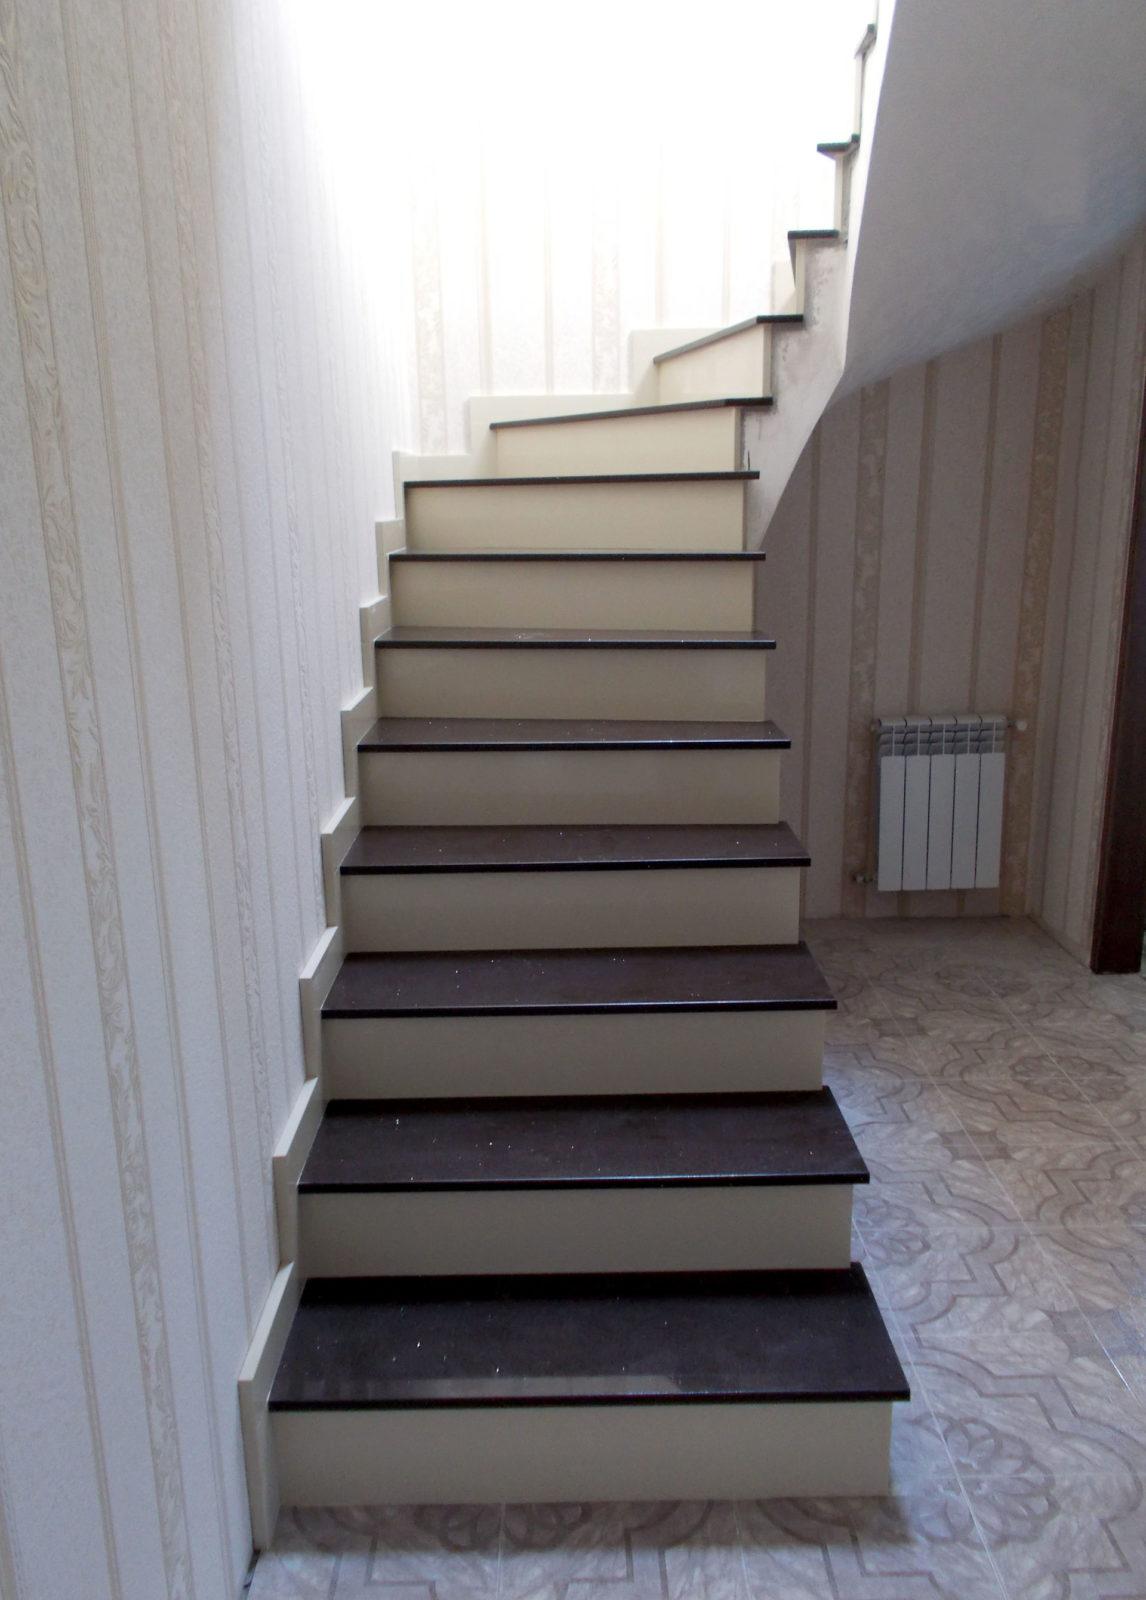 Лестница из кварцевого камня| Изделия из натурального и искуственного камня |Внутренняя лестница